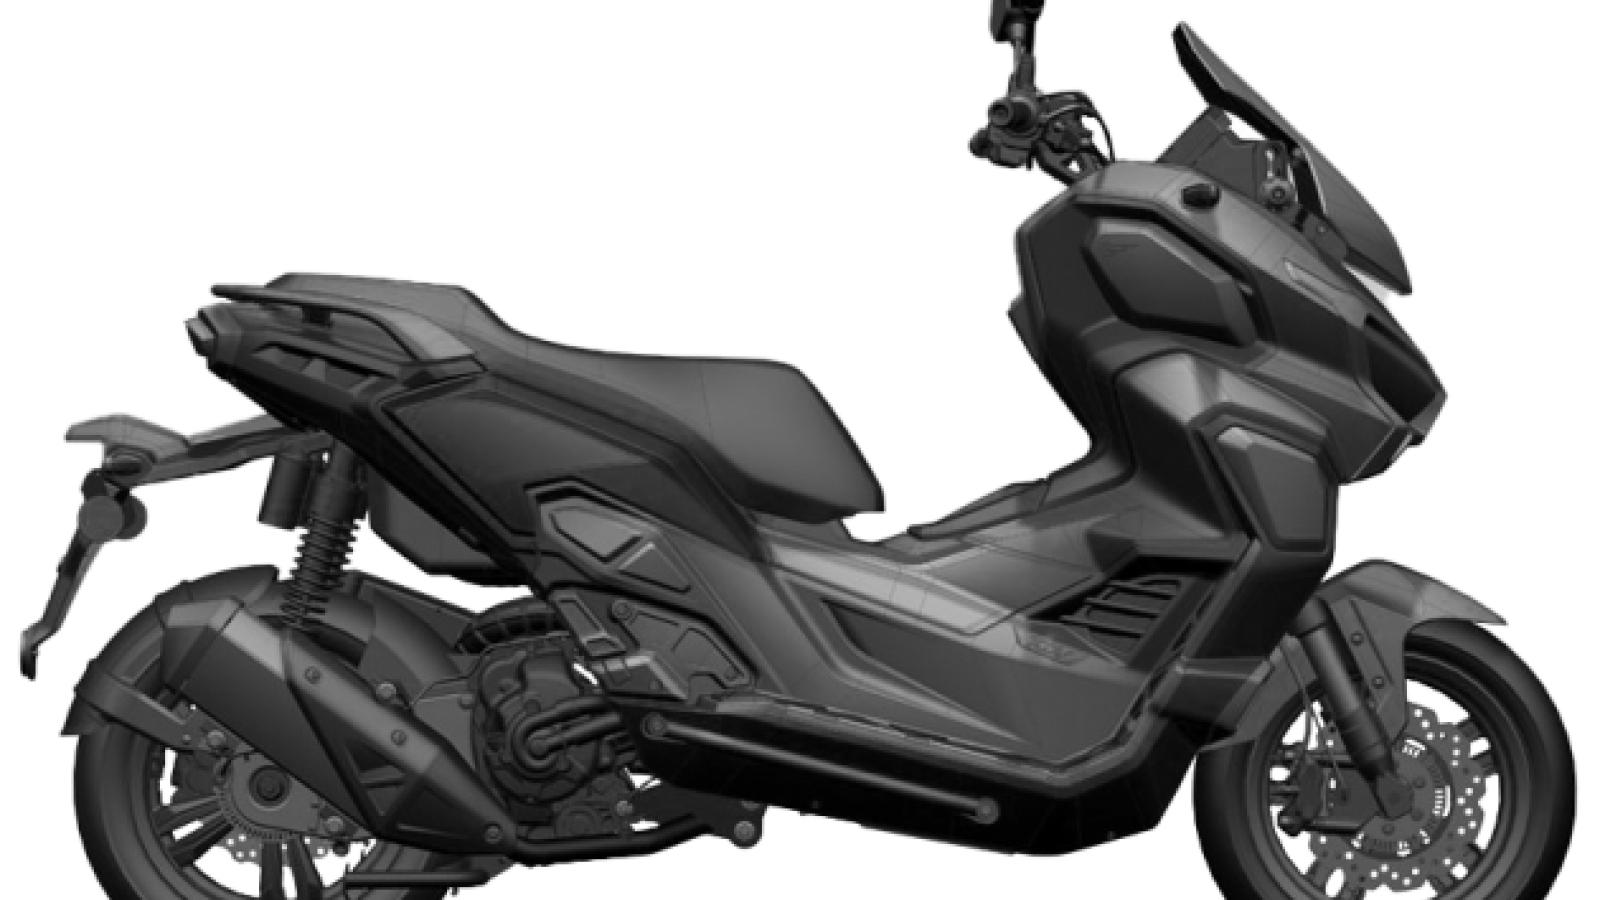 Xe tay ga WMoto Xtreme 250 2022 sẽ sớm ra mắt công chúng